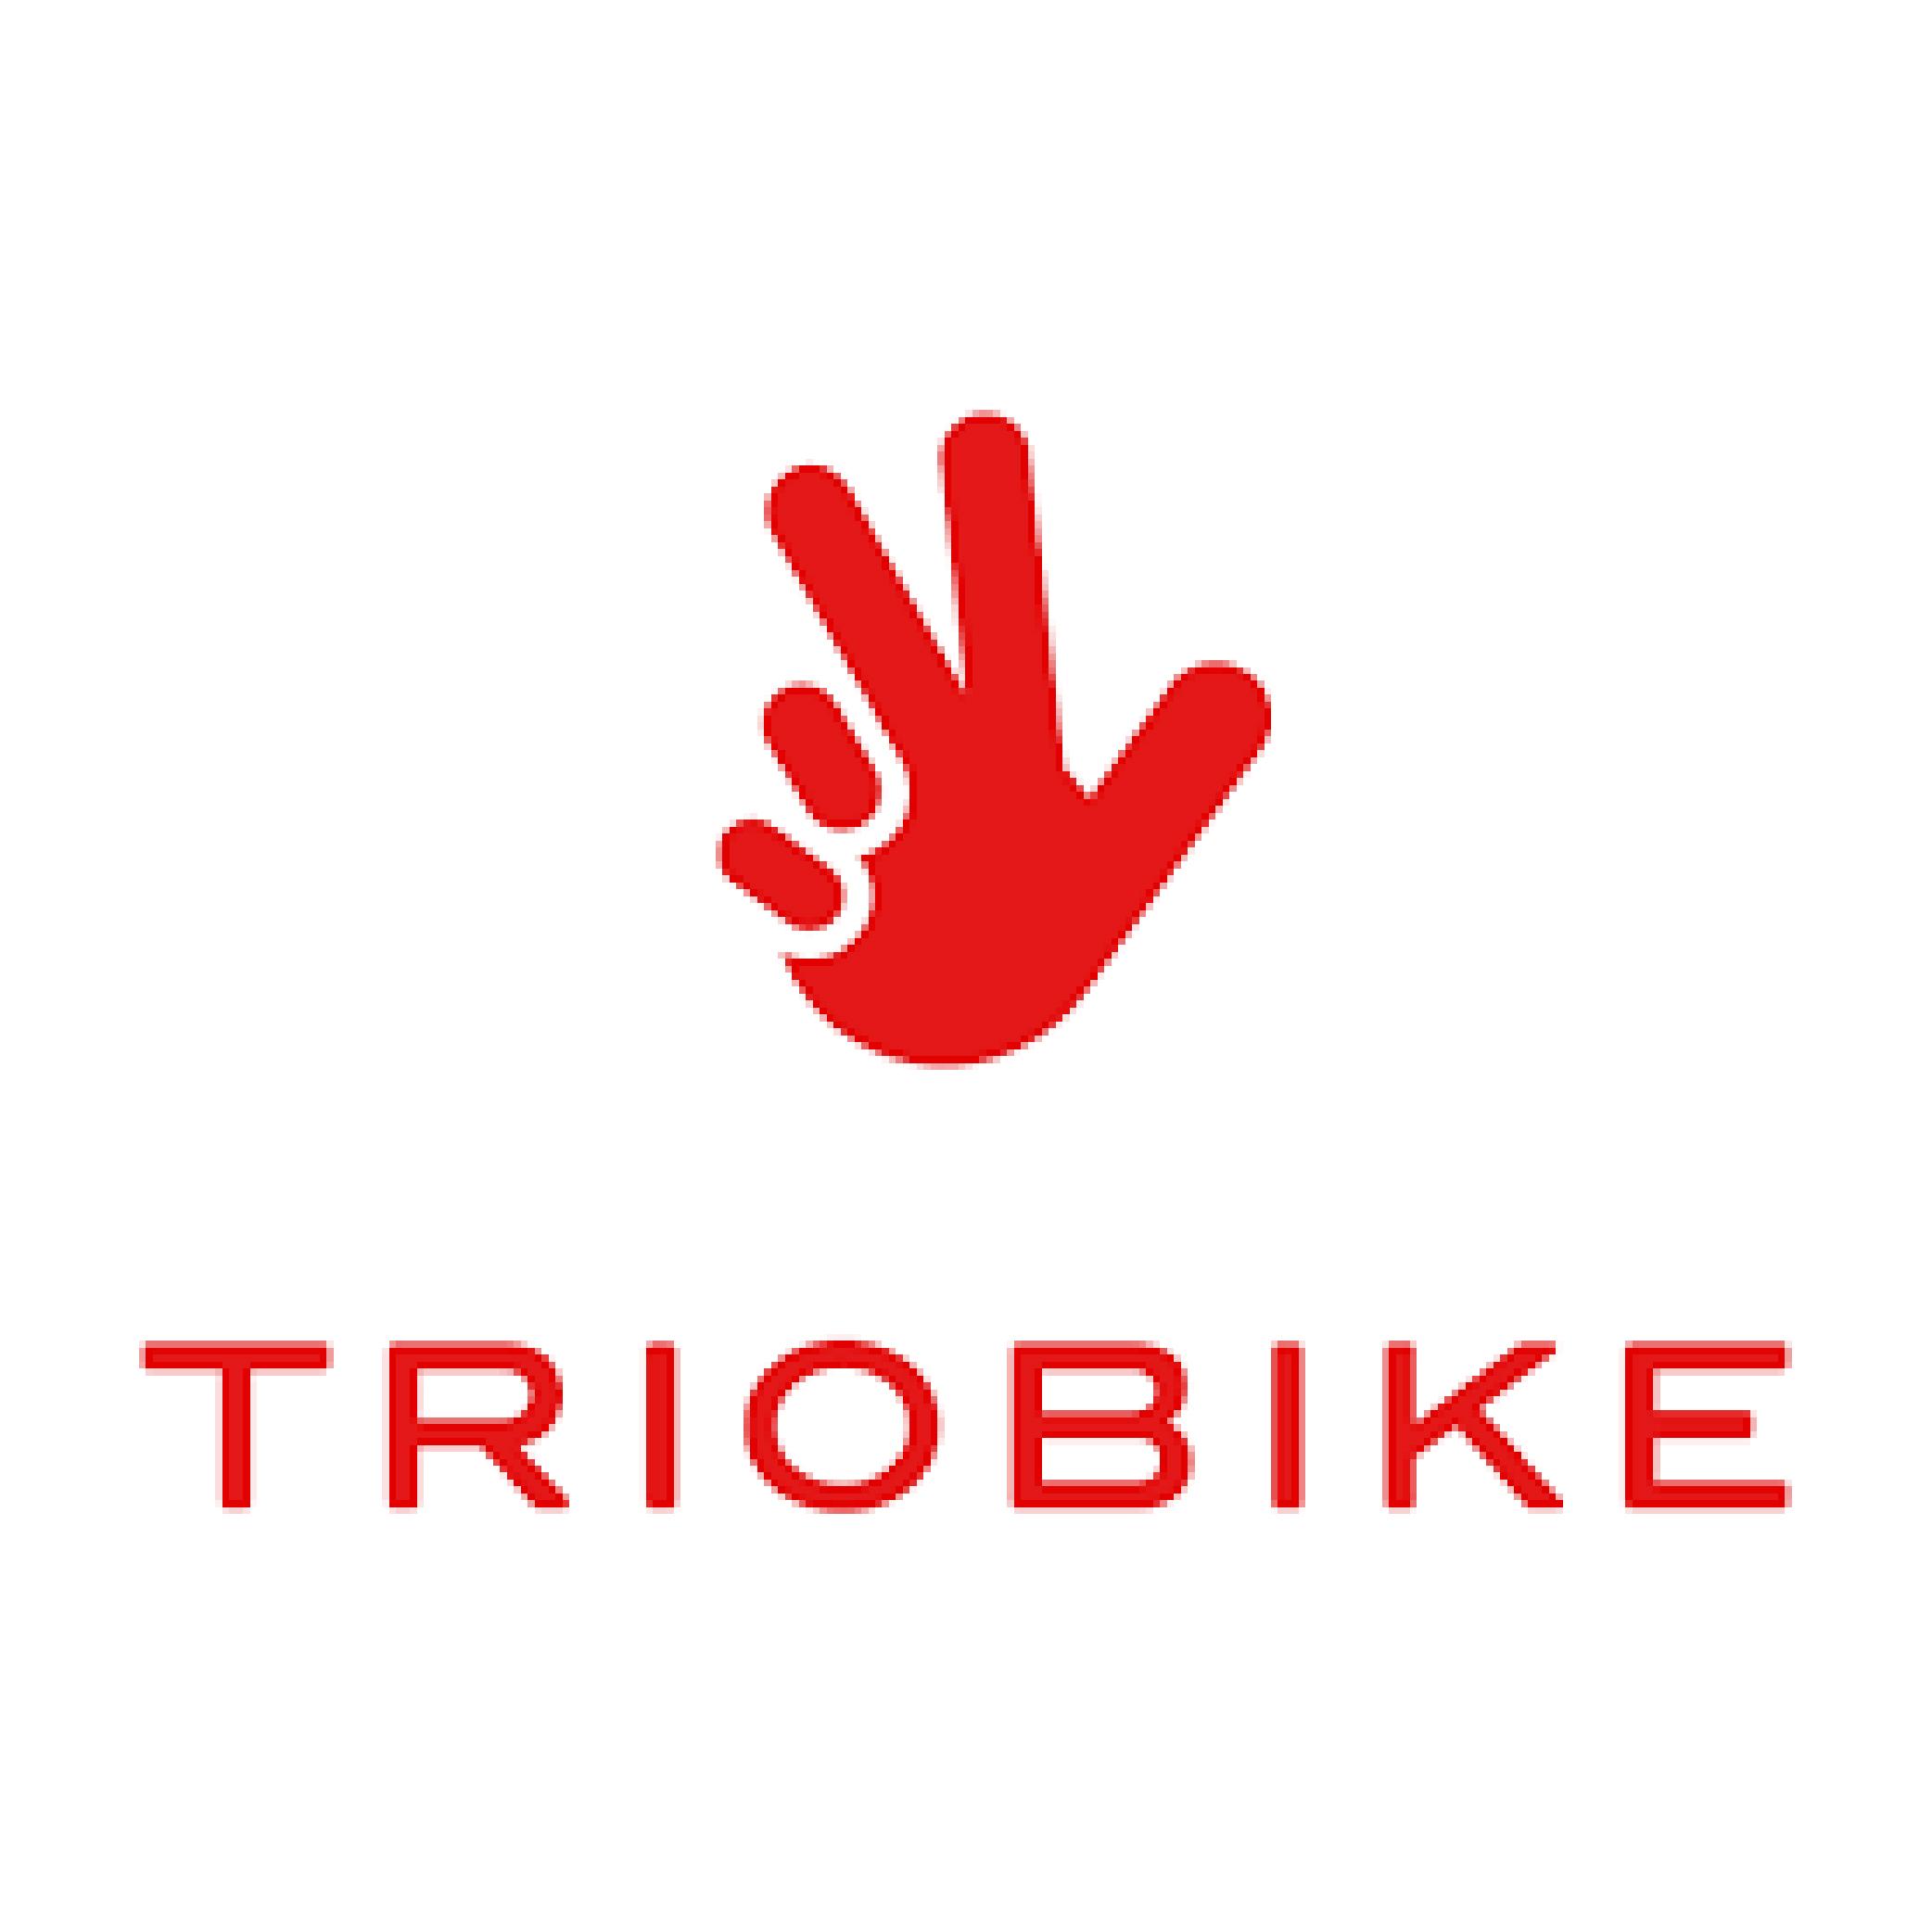 triobike-fietskar-online-kopen